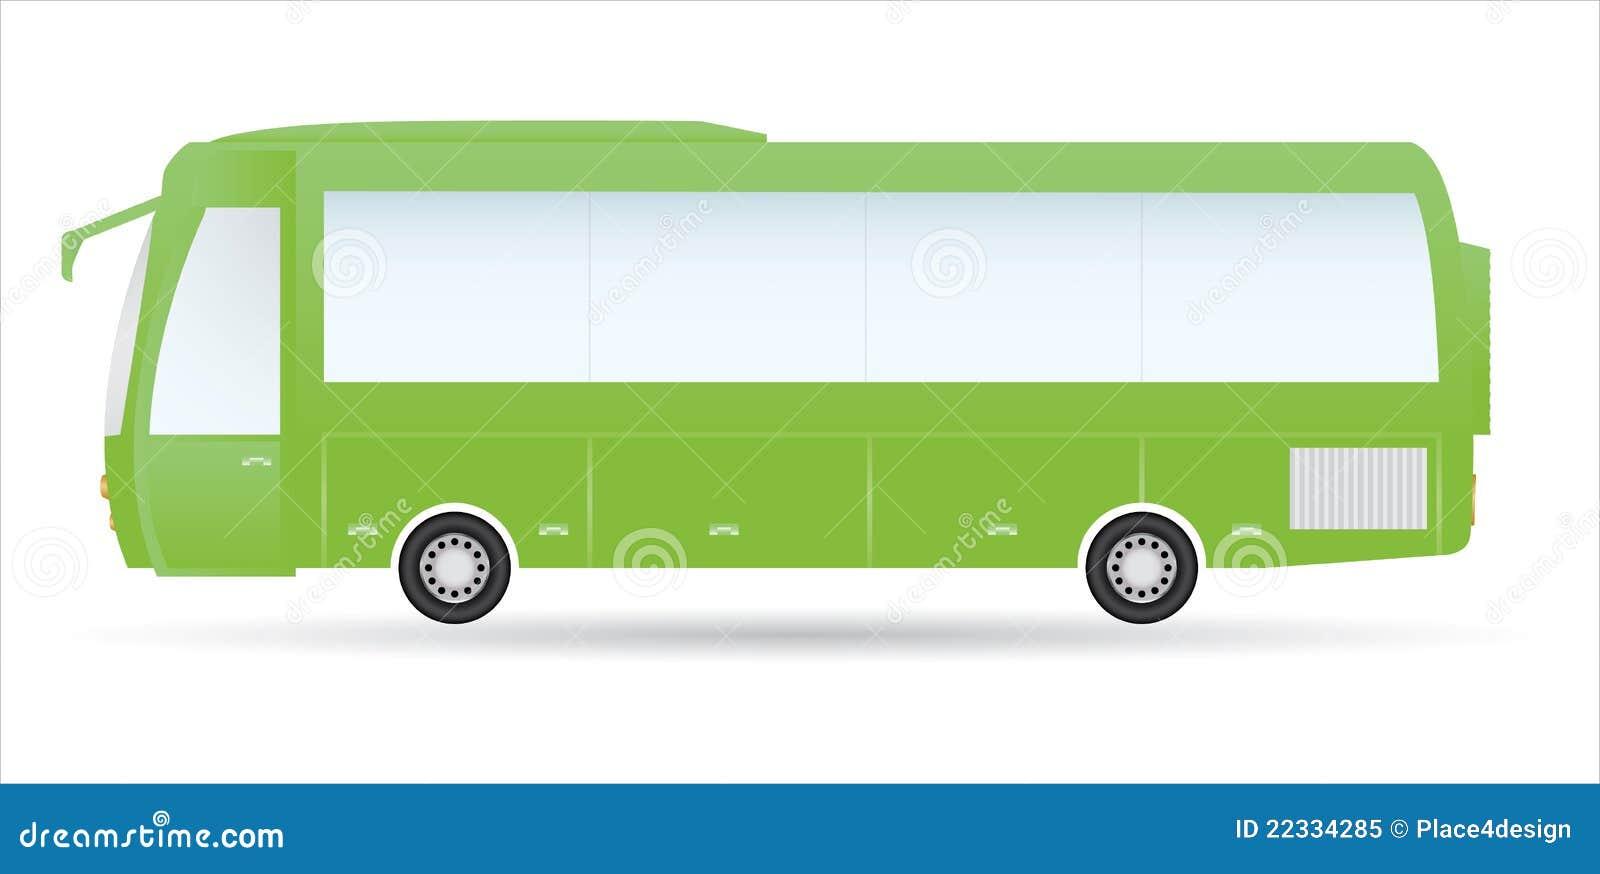 Bus vert de ville illustration de vecteur illustration du for Vert urbain maison de ville